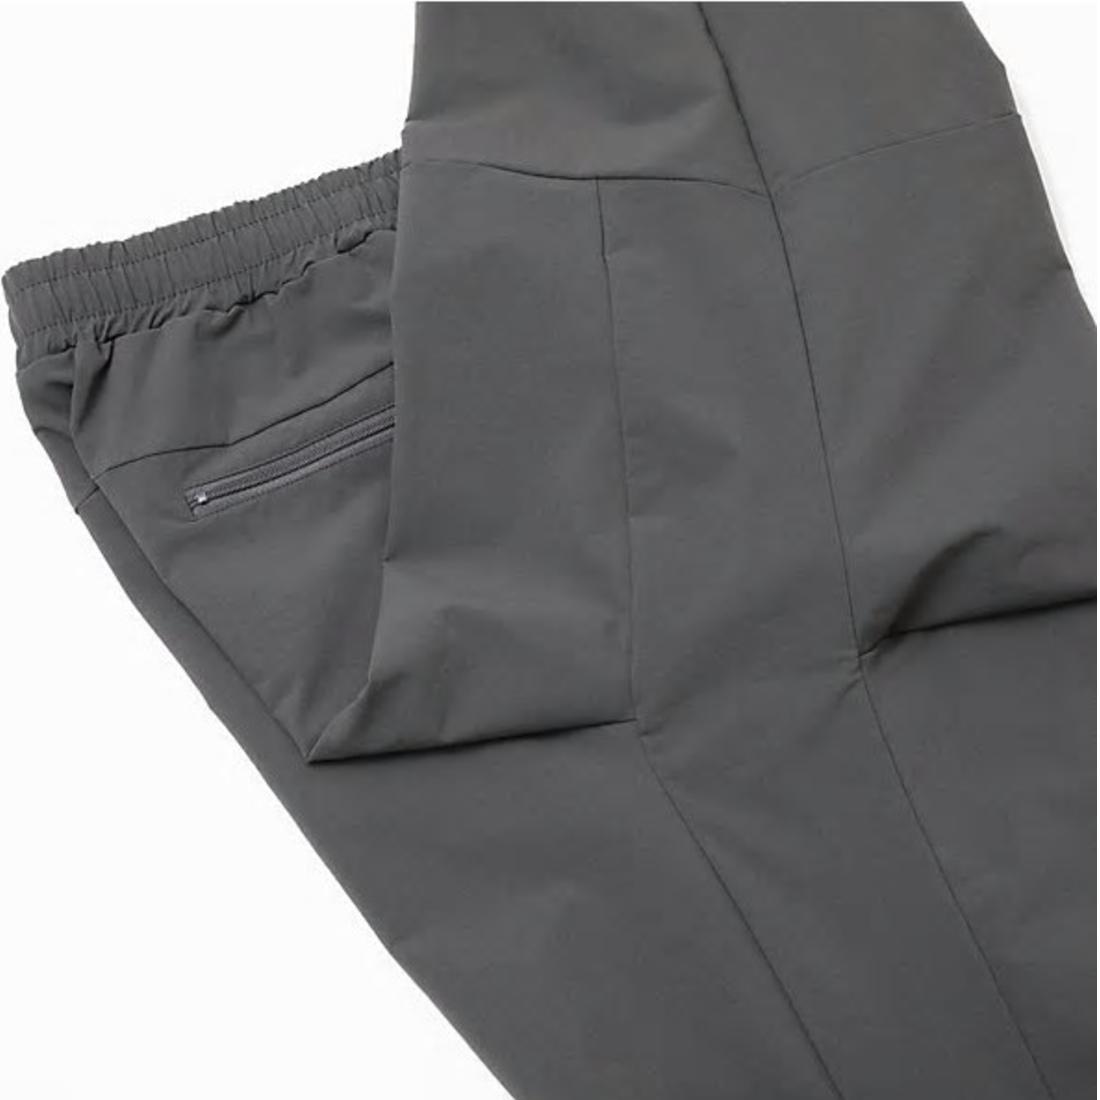 ホグロフス ソフトシェル トラック パンツ メンズ ボトム スウェット  国内正規品